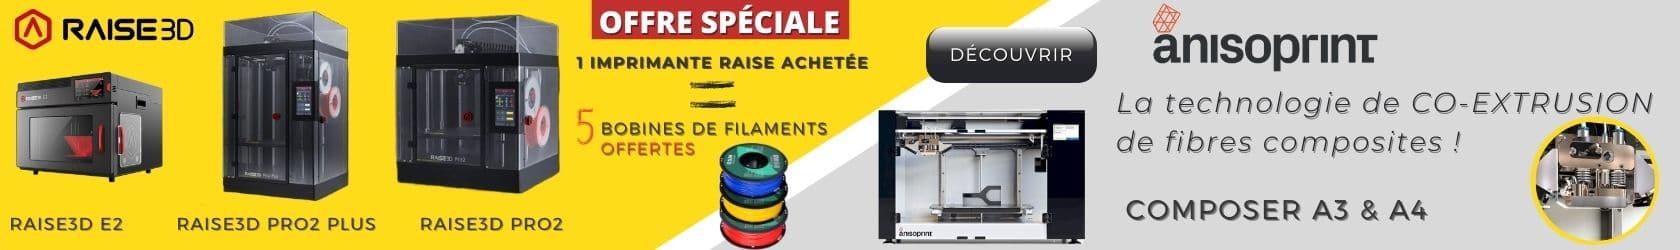 imprimantes raise3d et Anisoprint